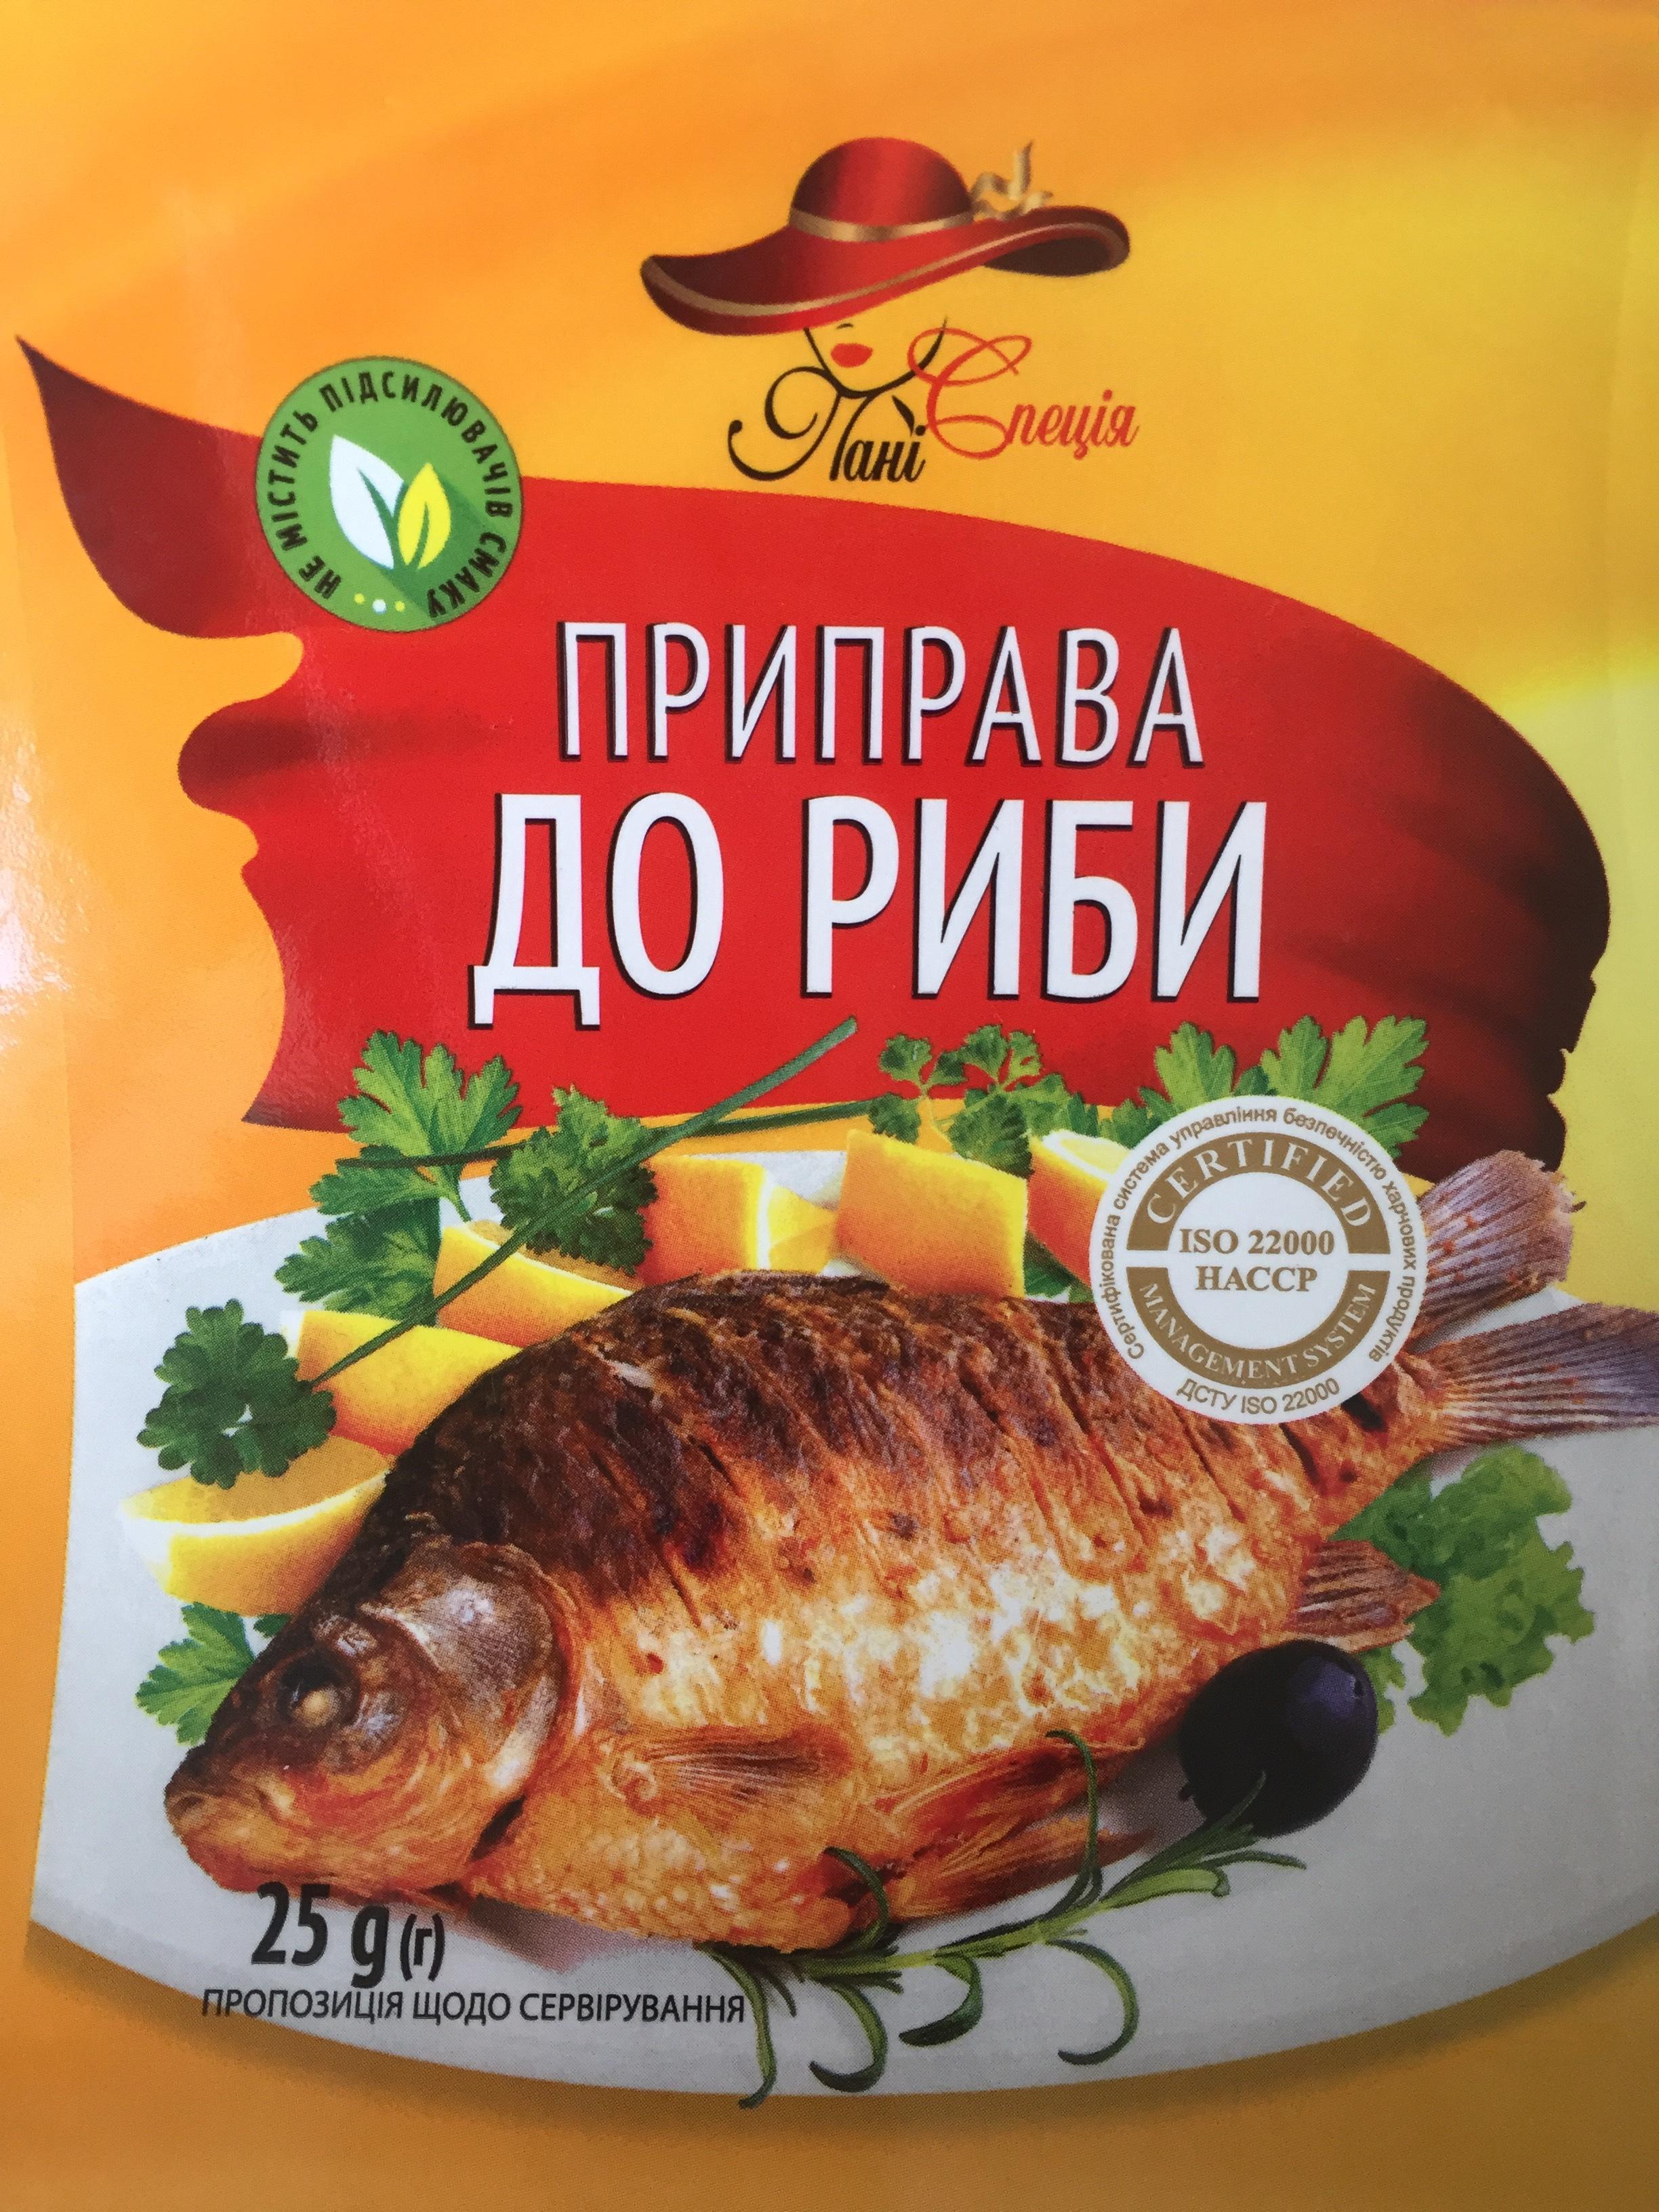 Приправа к рыбе — невероятный вкус готового блюда!